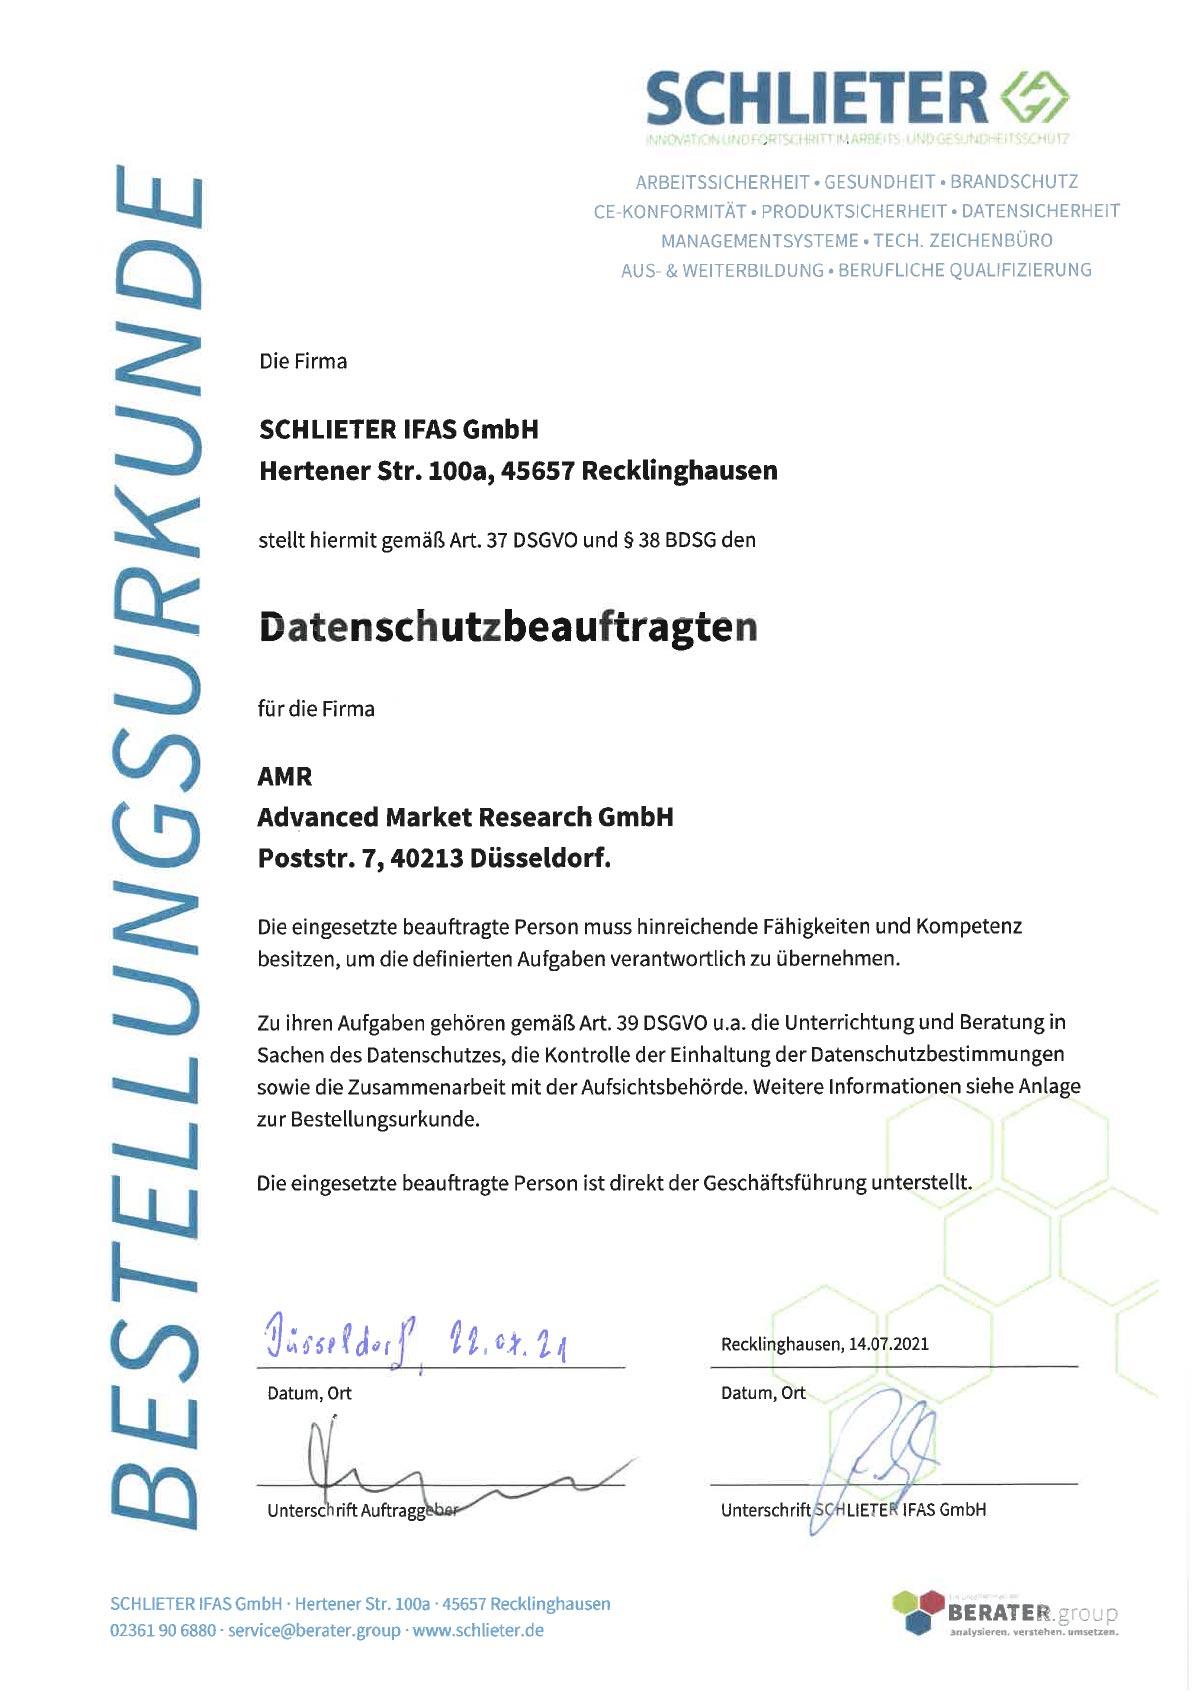 Urkunde IFAS Datenschutzbeauftragter für AMR Advanced Market Research